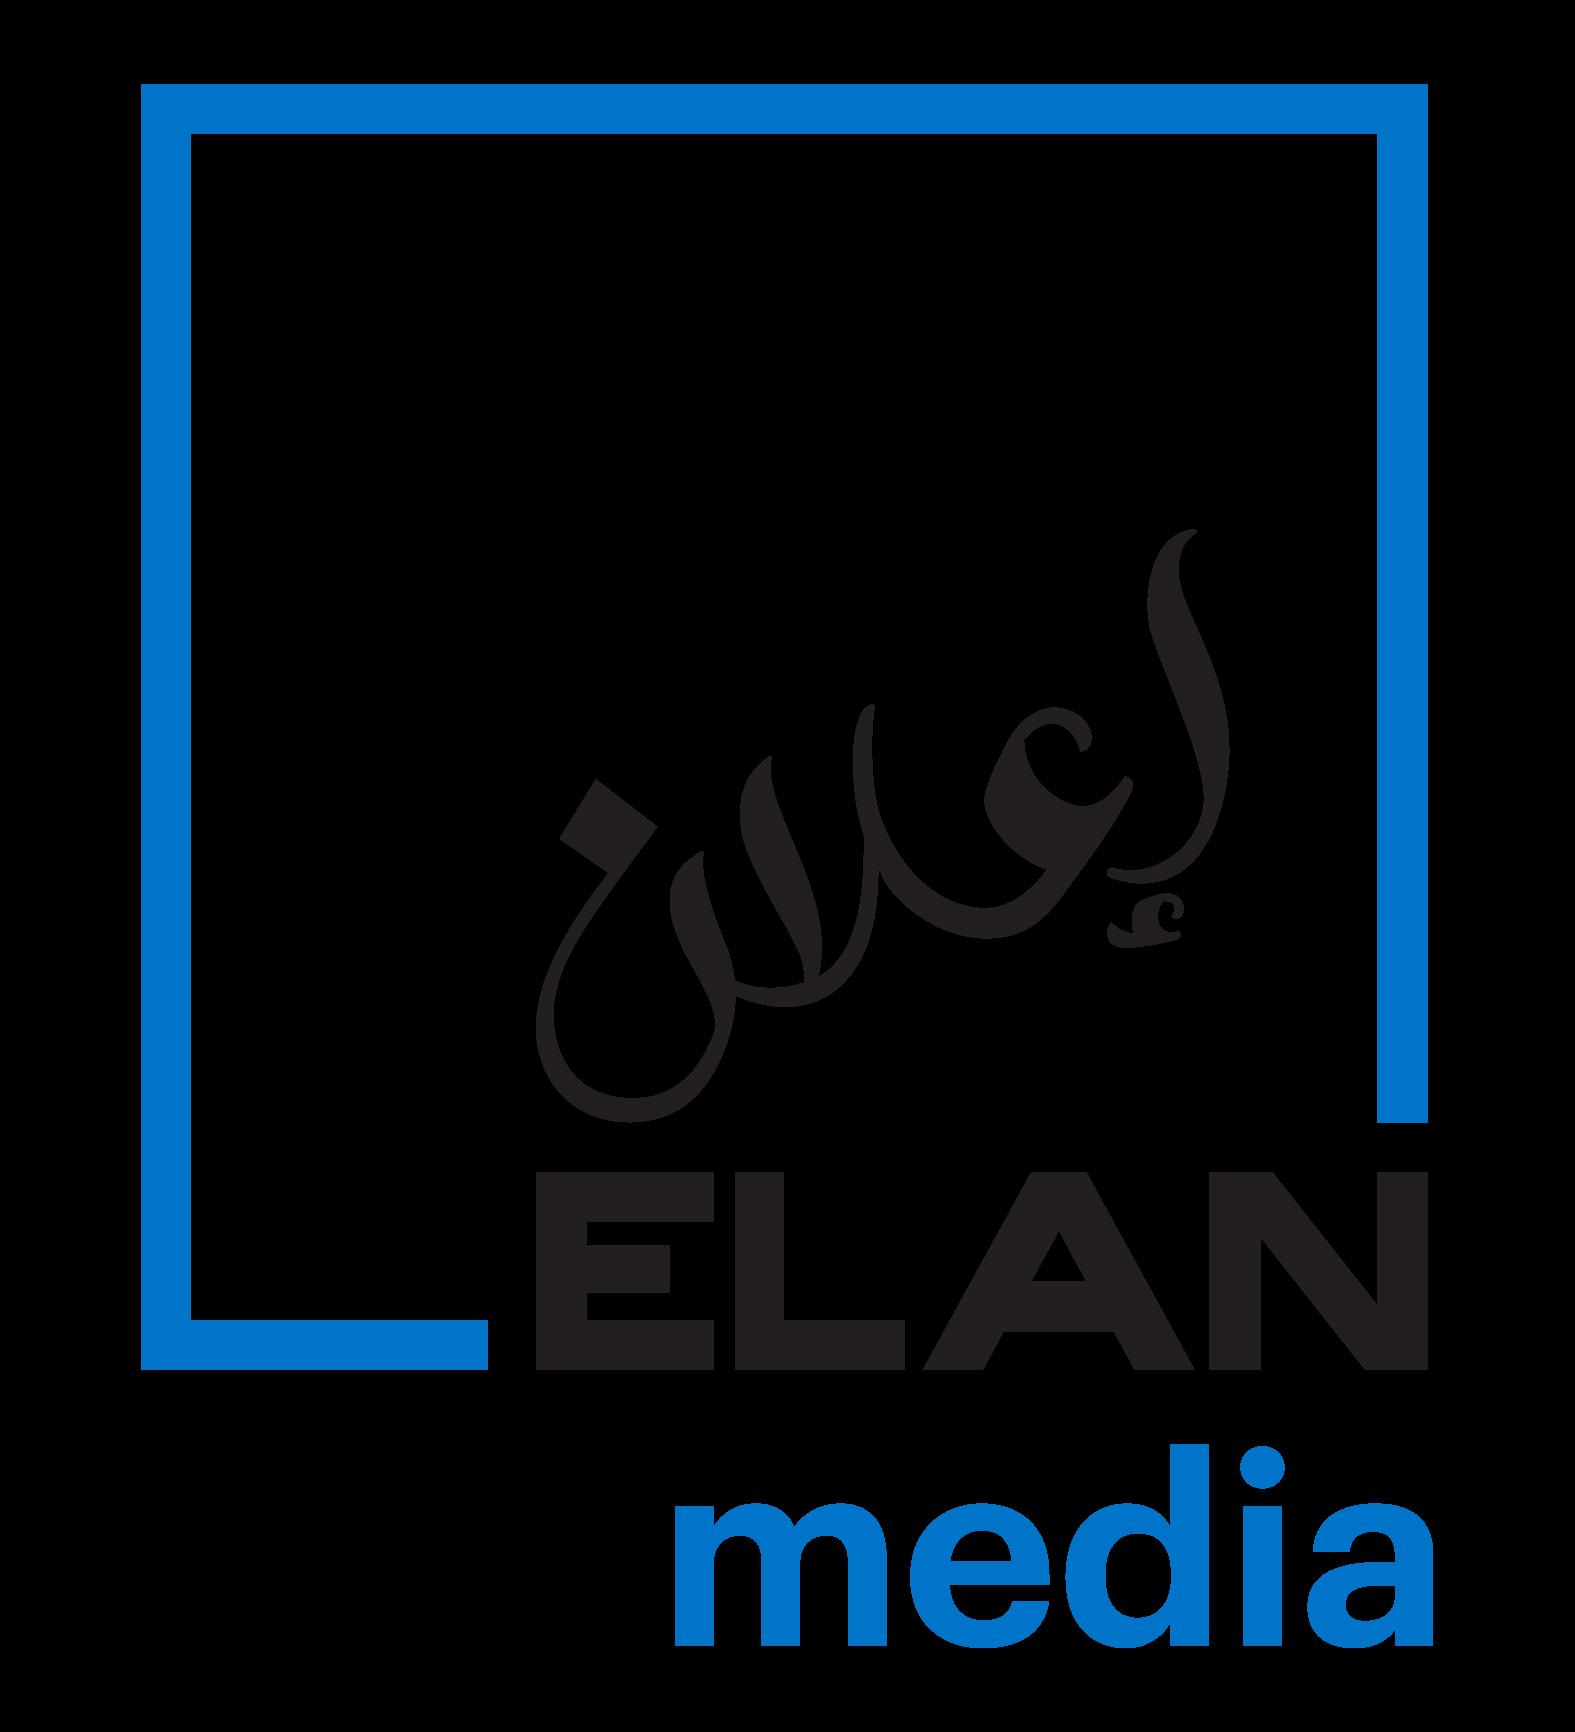 ELAN_Media_Logo